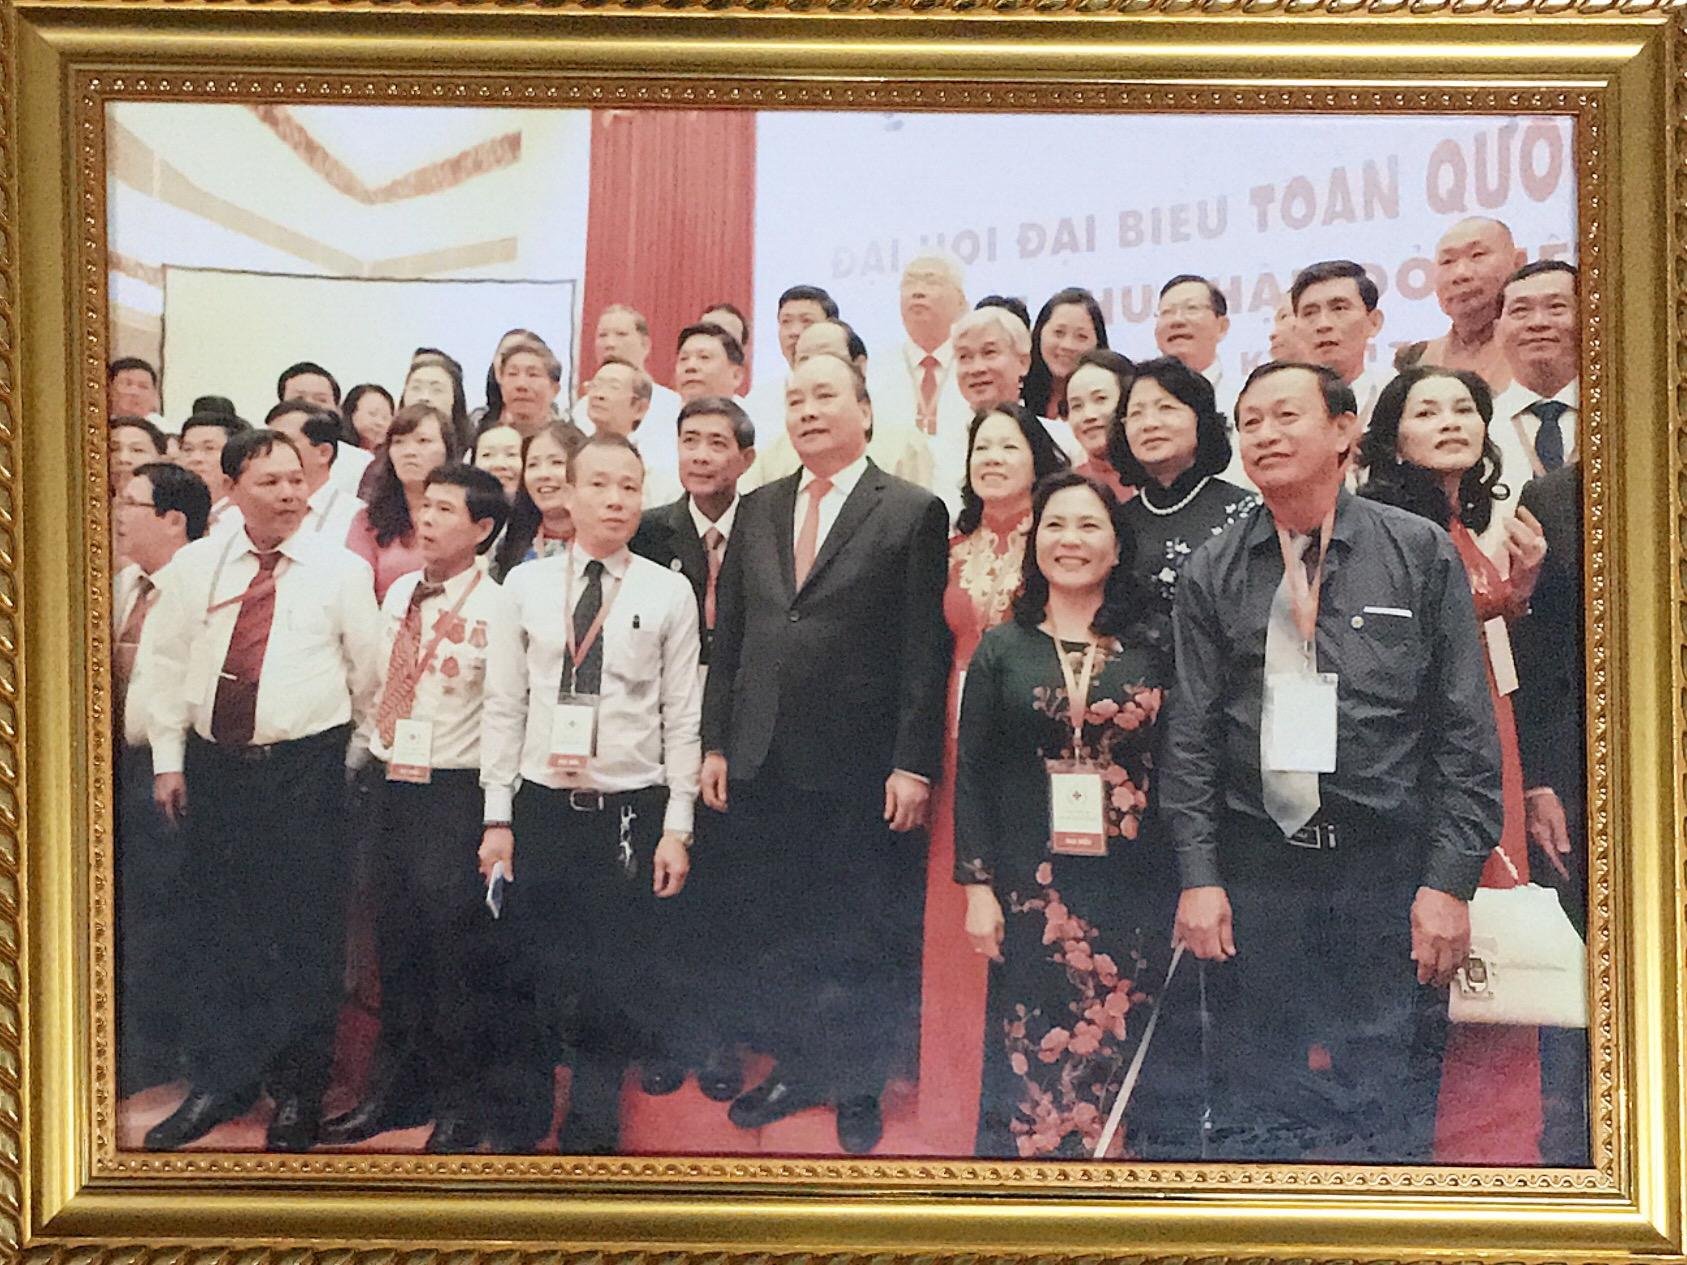 Chủ tịch HĐQT Công ty Giấy Hải Tiến tiếp tục được bầu vào BCH TƯ Hội chữ thập đỏ Việt Nam